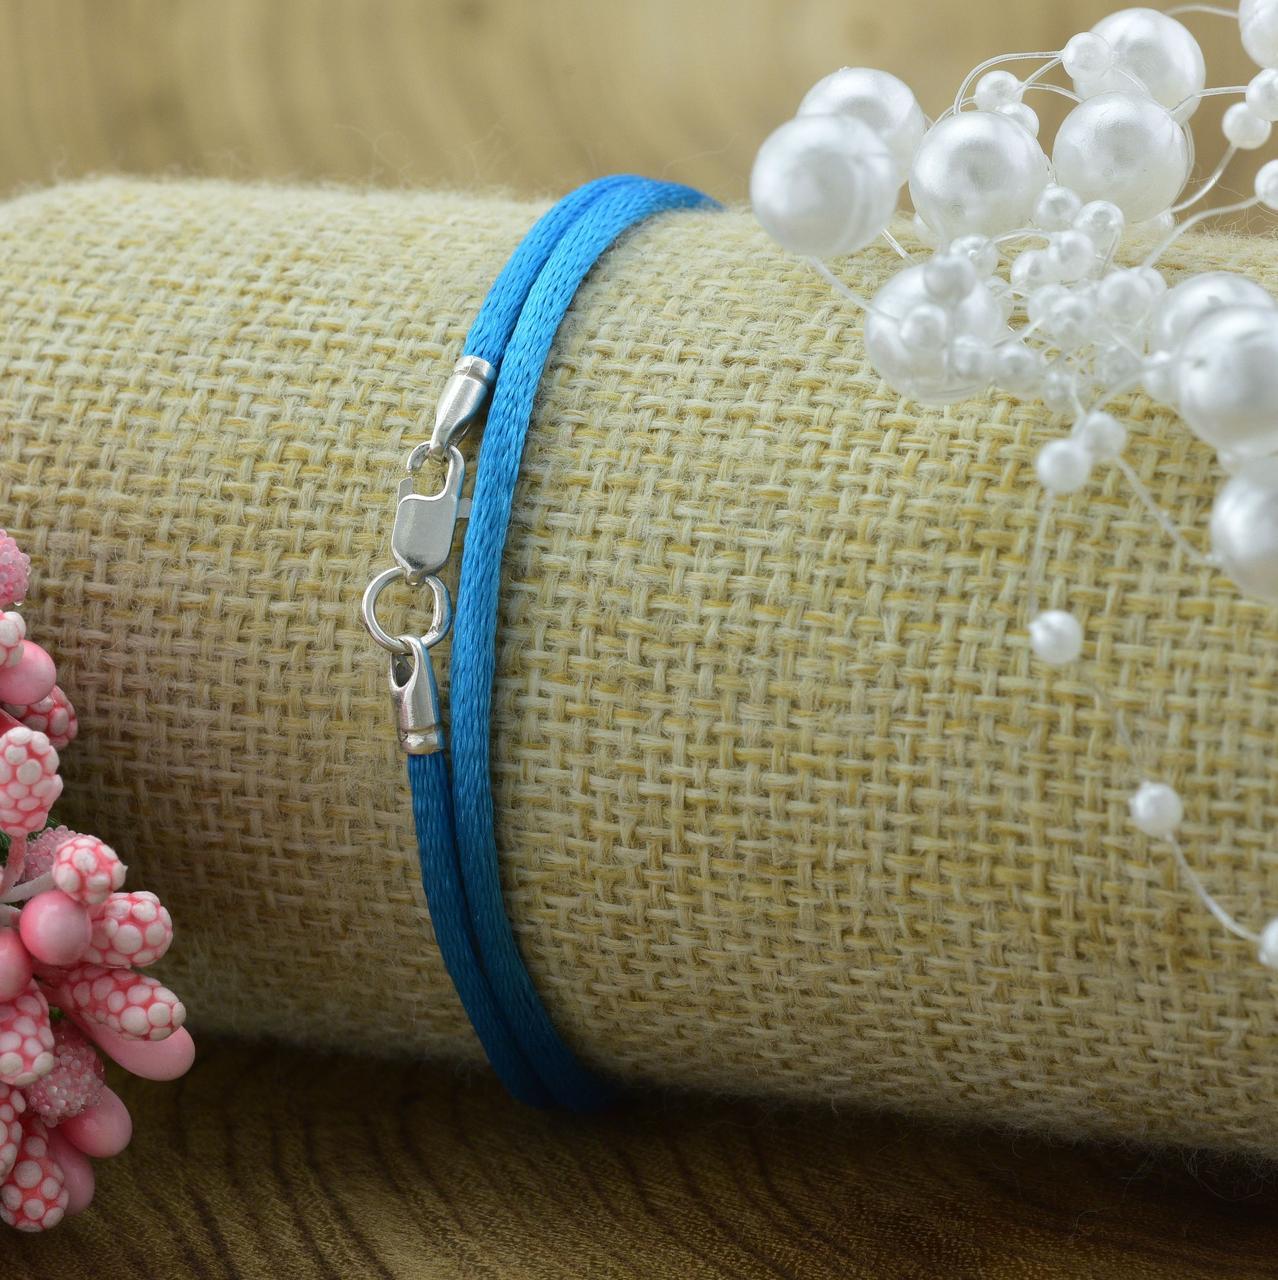 Шнурок шелковый цвет голубой длина 45 см ширина 2 мм вес серебра 0.7 г